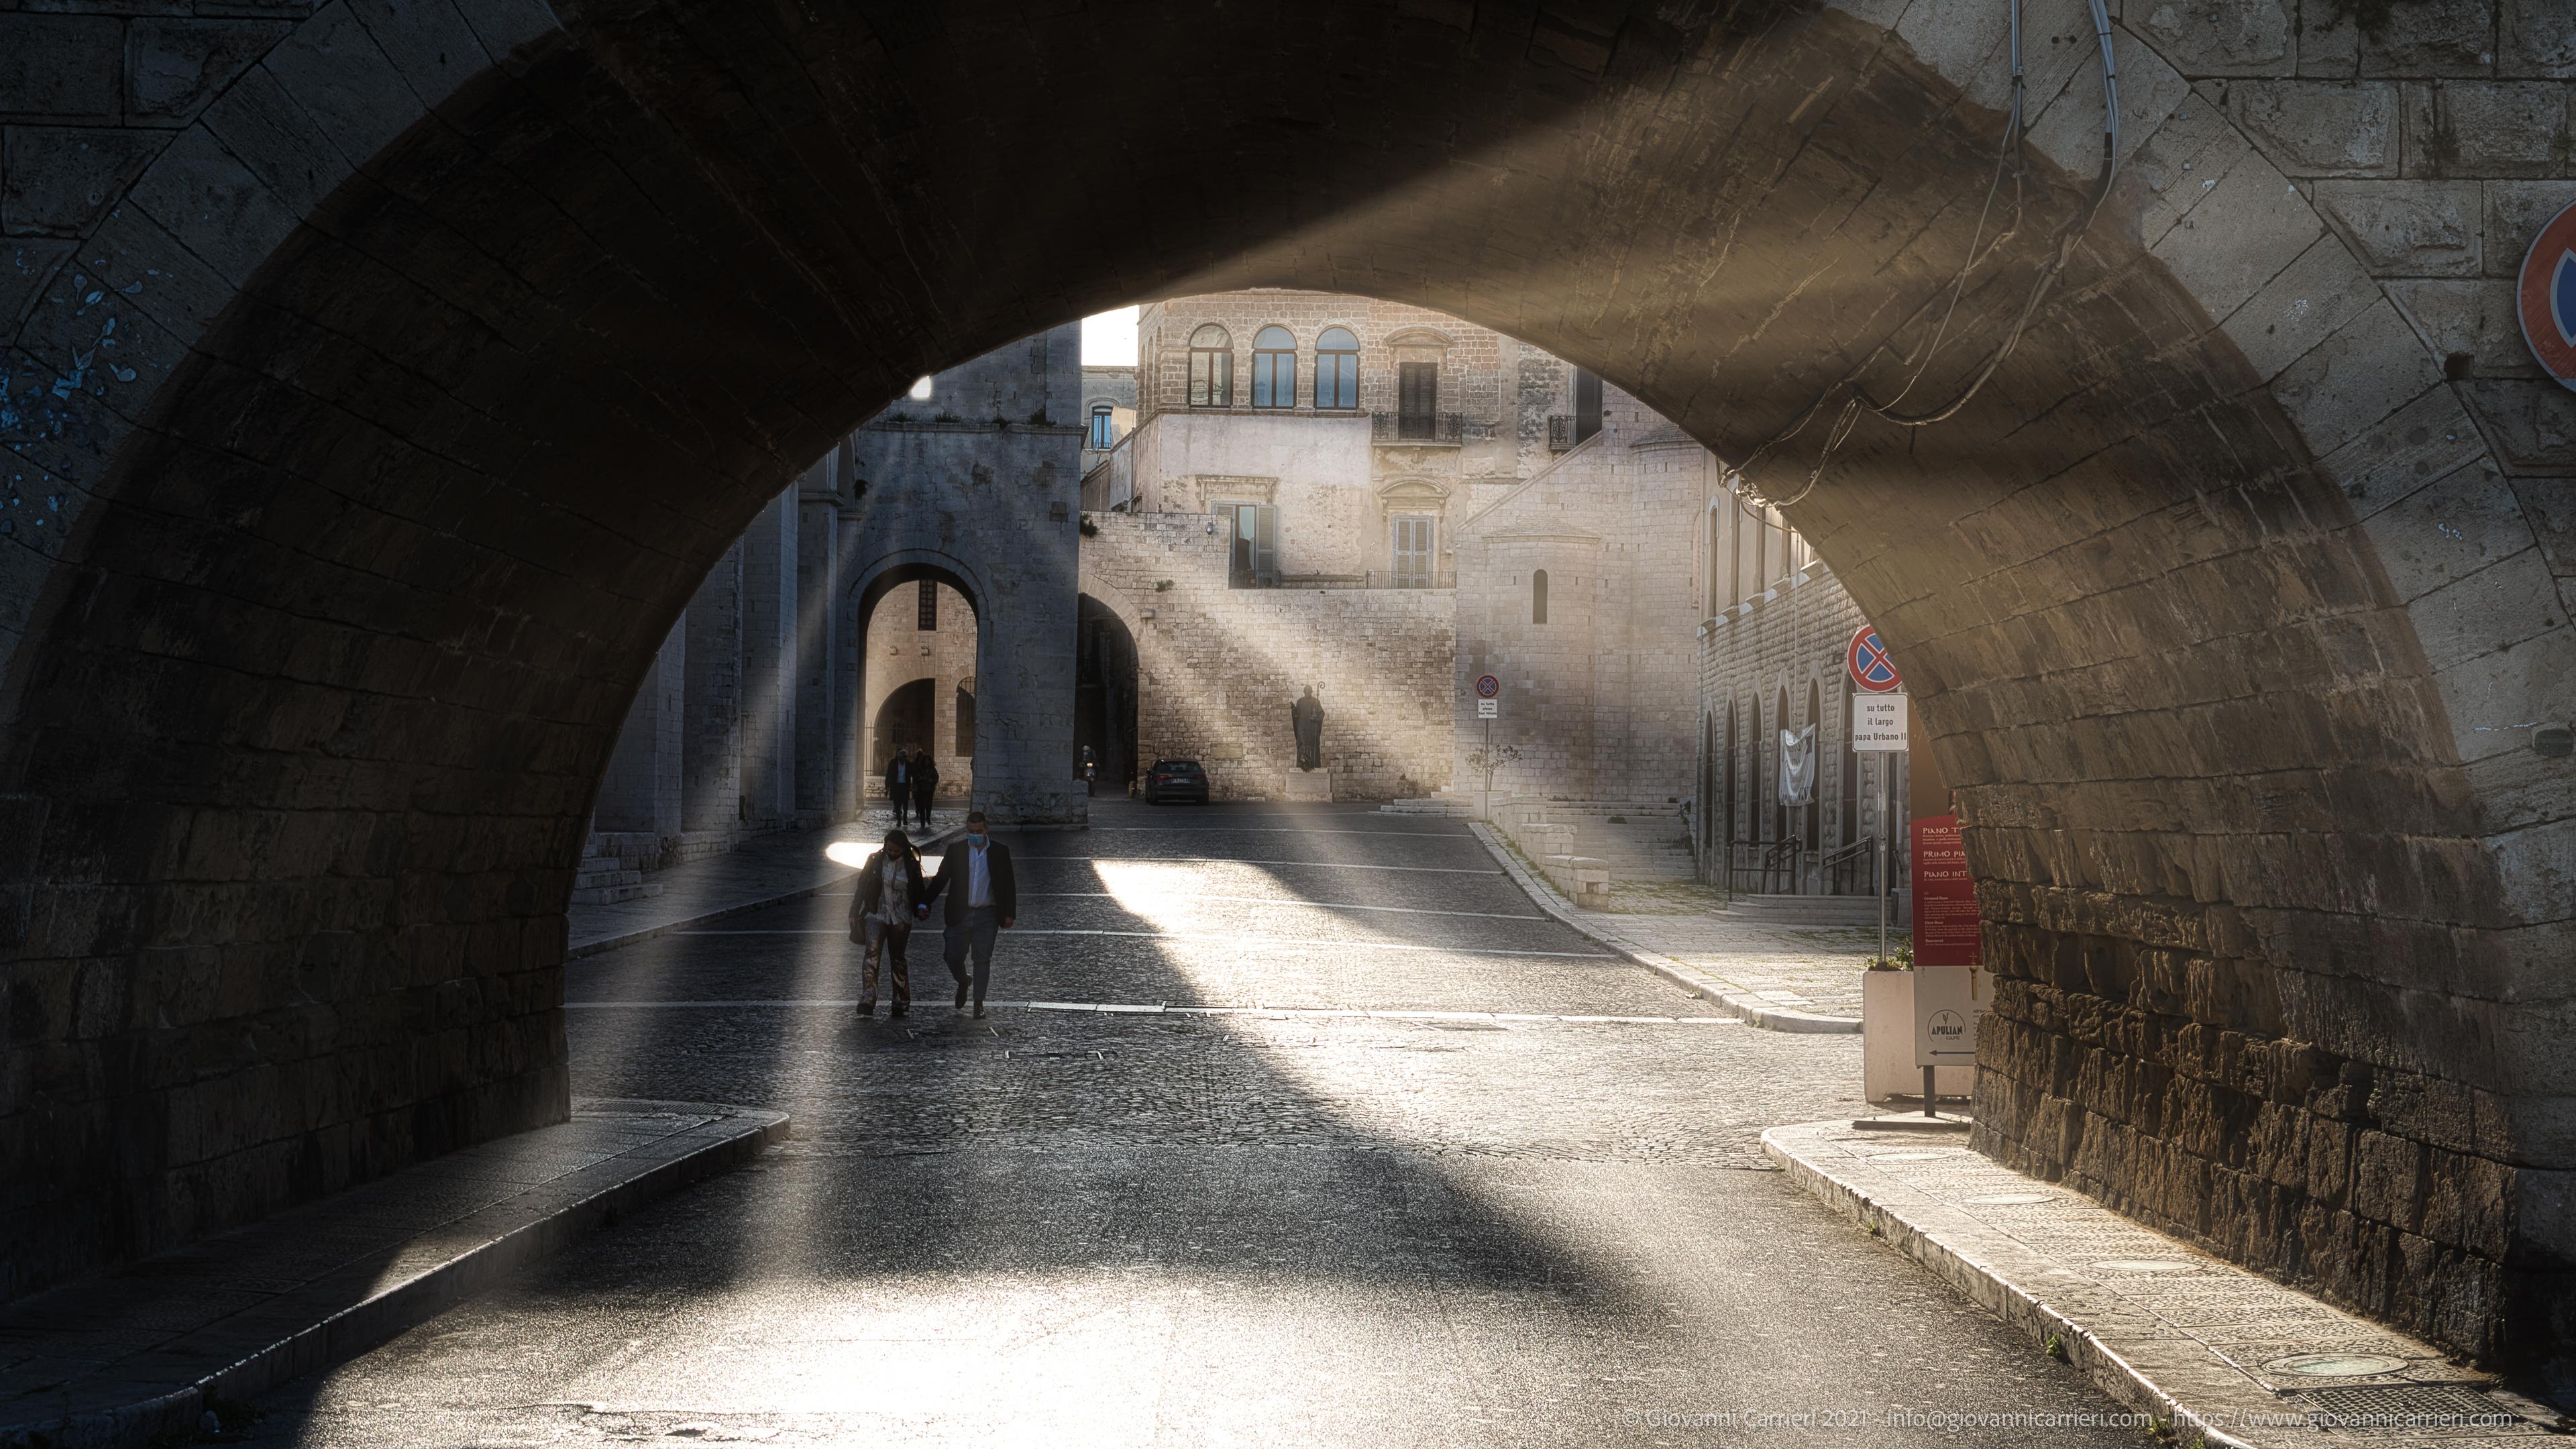 Largo Papa Urbano II a Bari vecchia Nel cuore di Bari vecchia, tra Via Venezia, la Muraglia e la Basilica di San Nicola